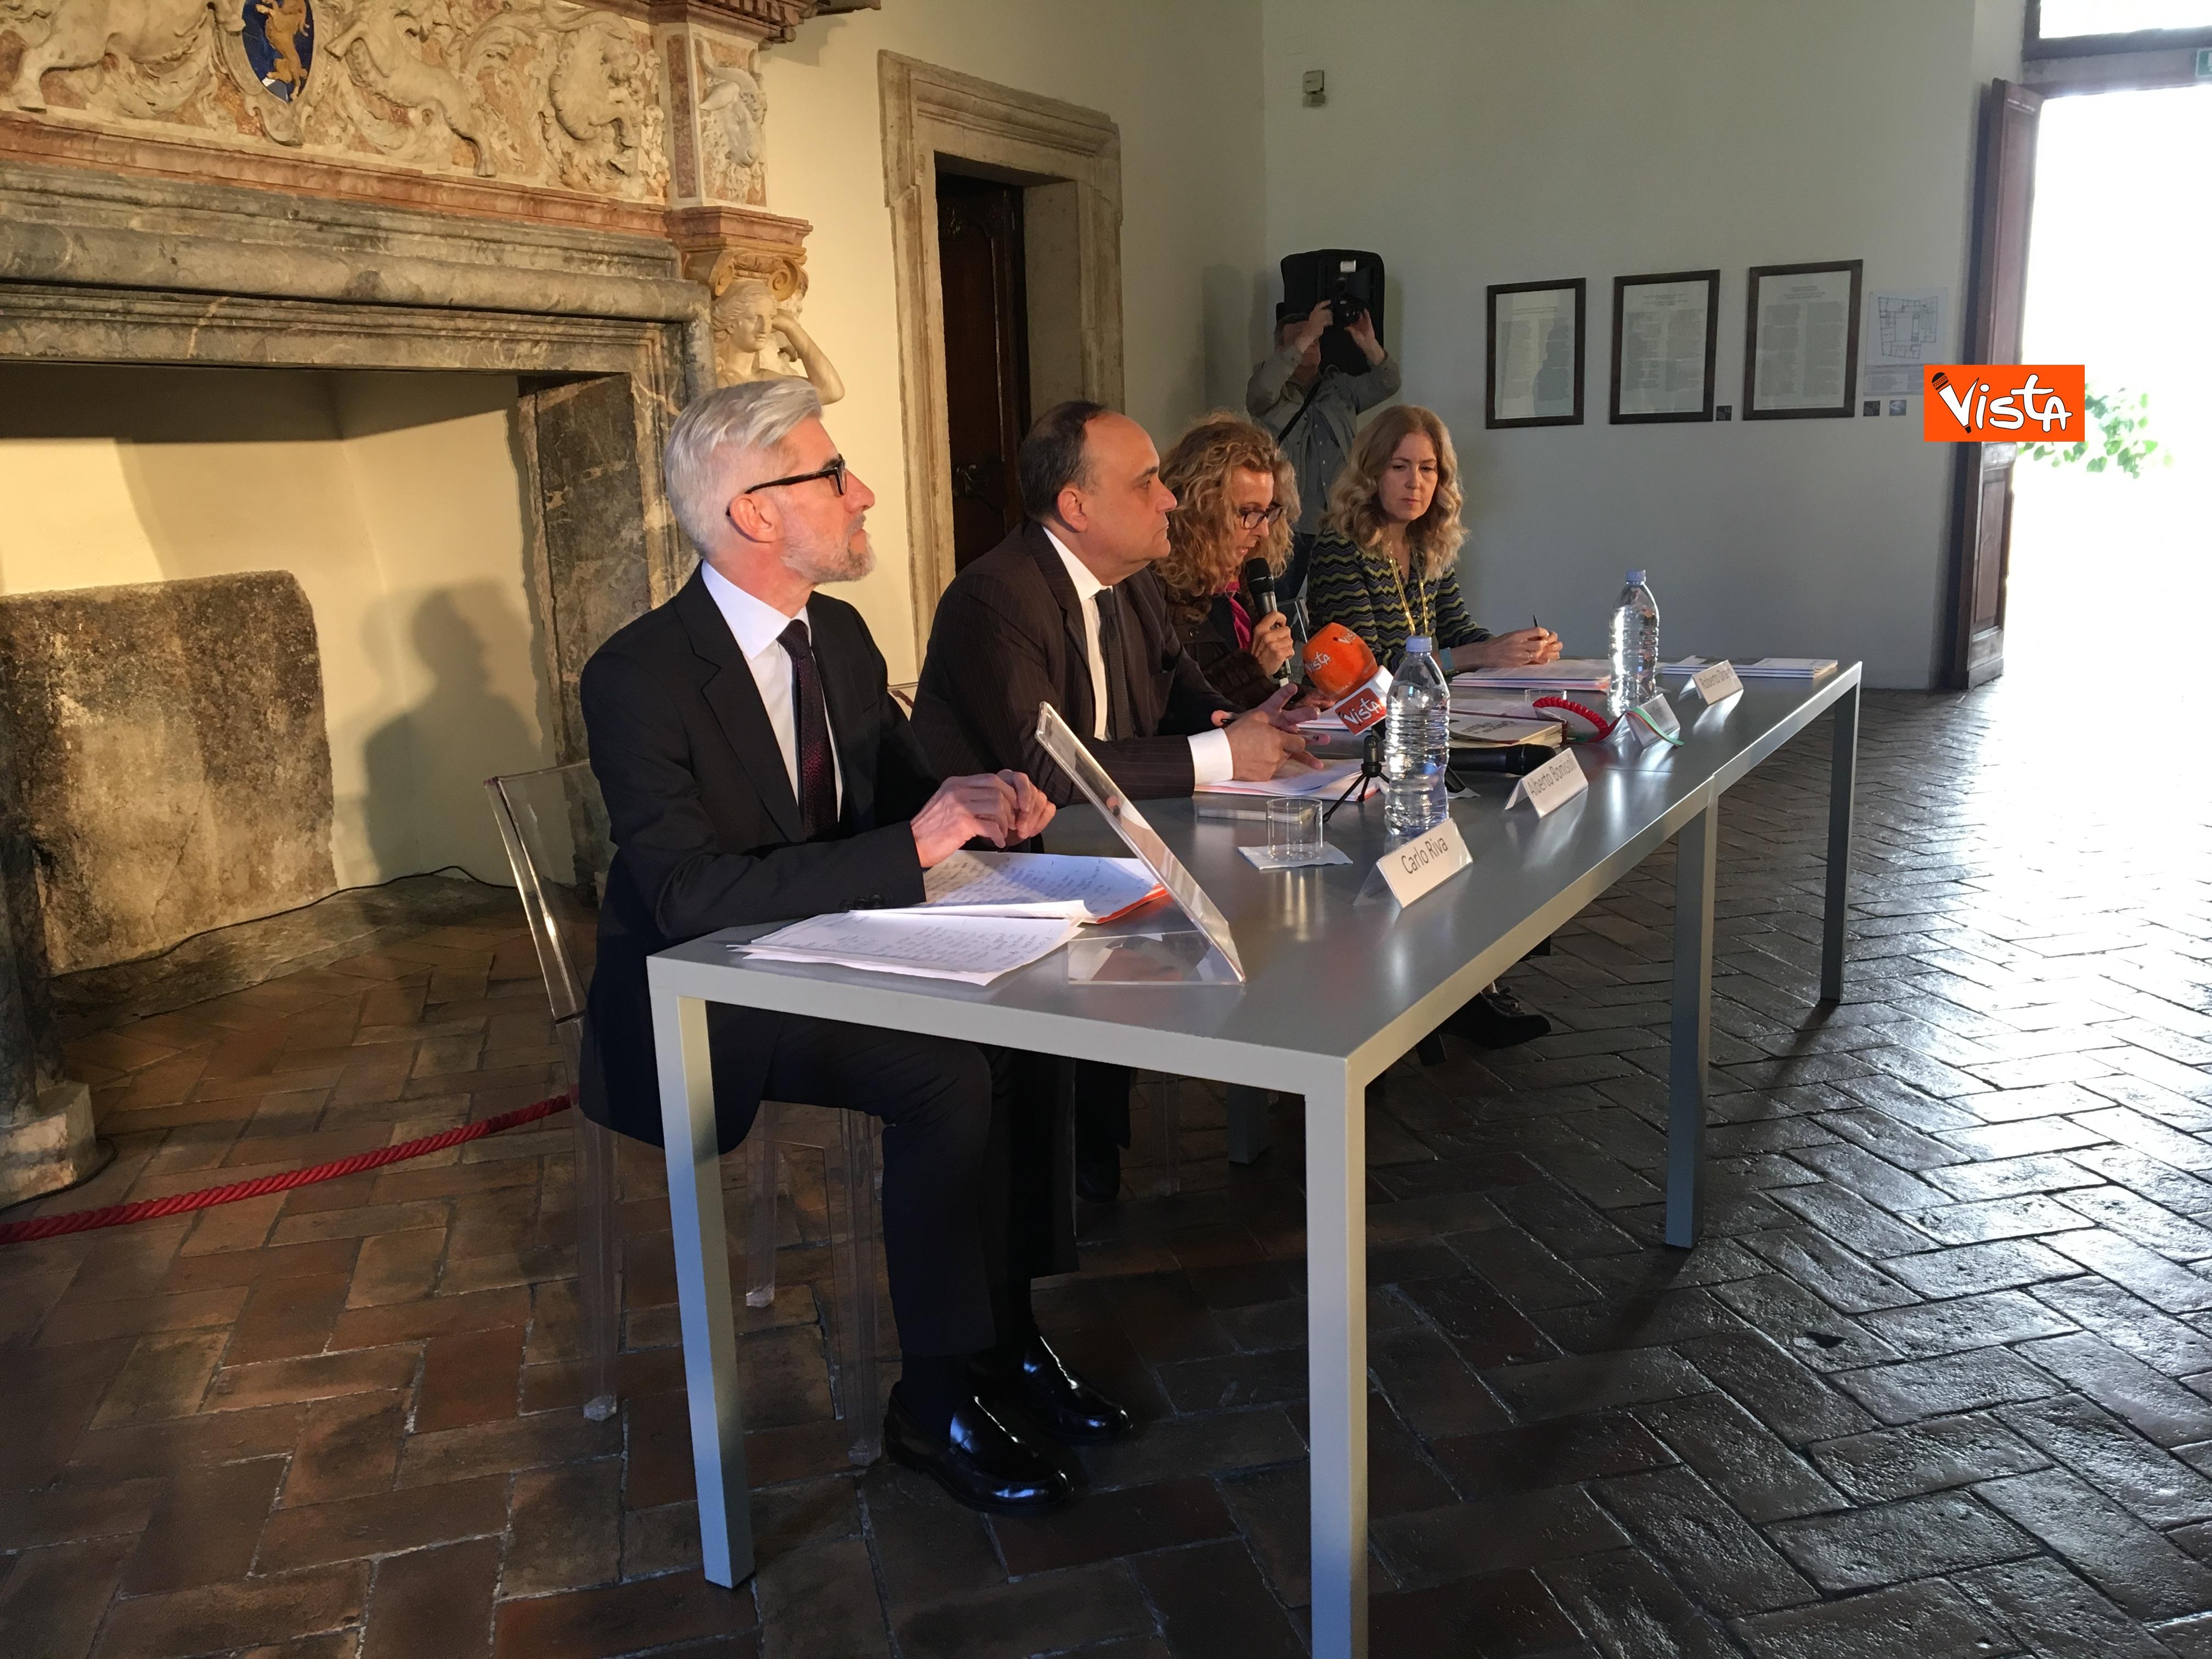 16-05-19 Museo per tutti la presentazione del progetto con Bonisoli a Palazzo Altemps_04